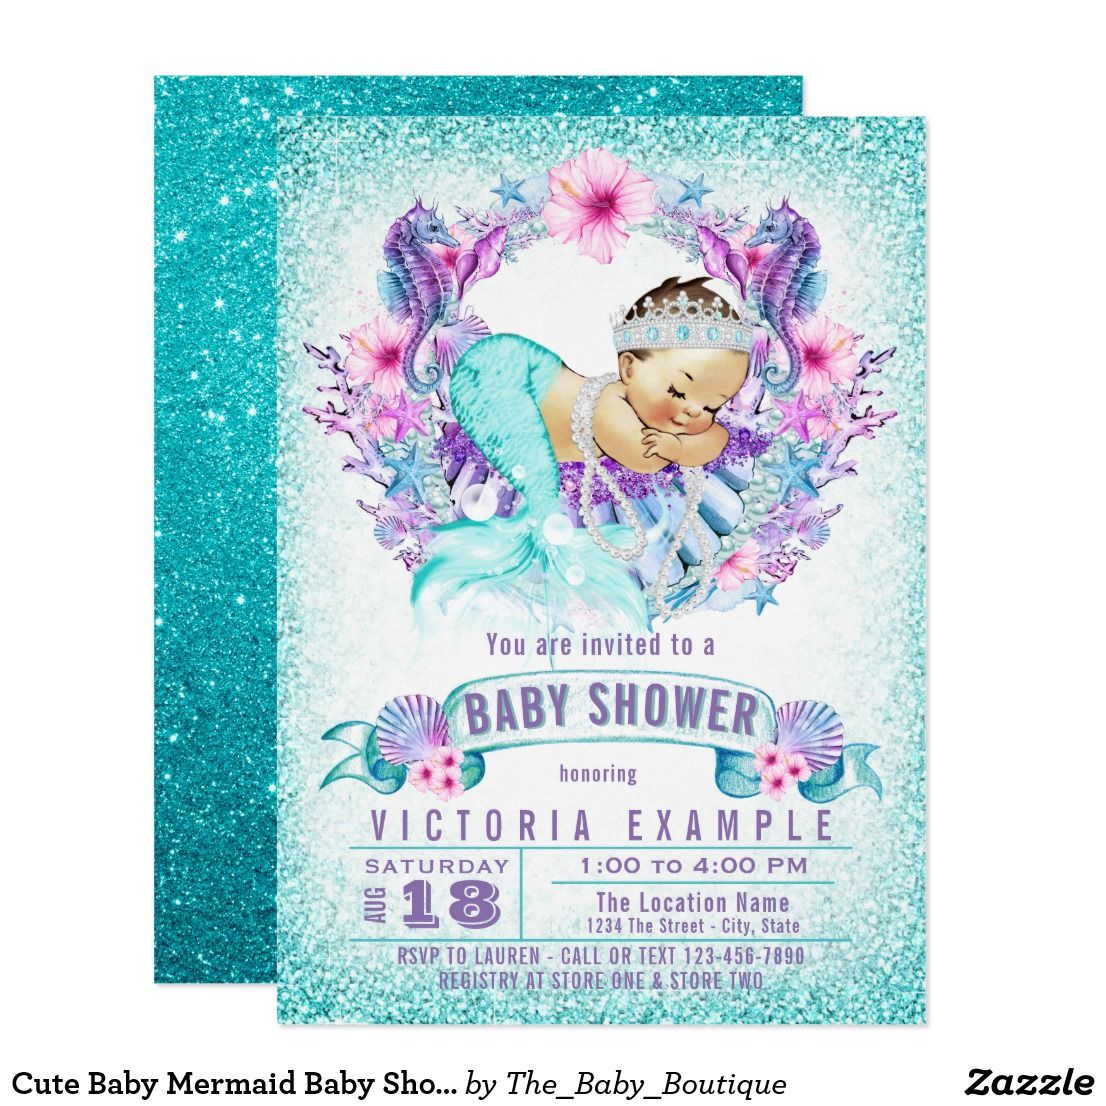 Cute Baby Mermaid Baby Shower Invitation | Mermaid baby showers and ...